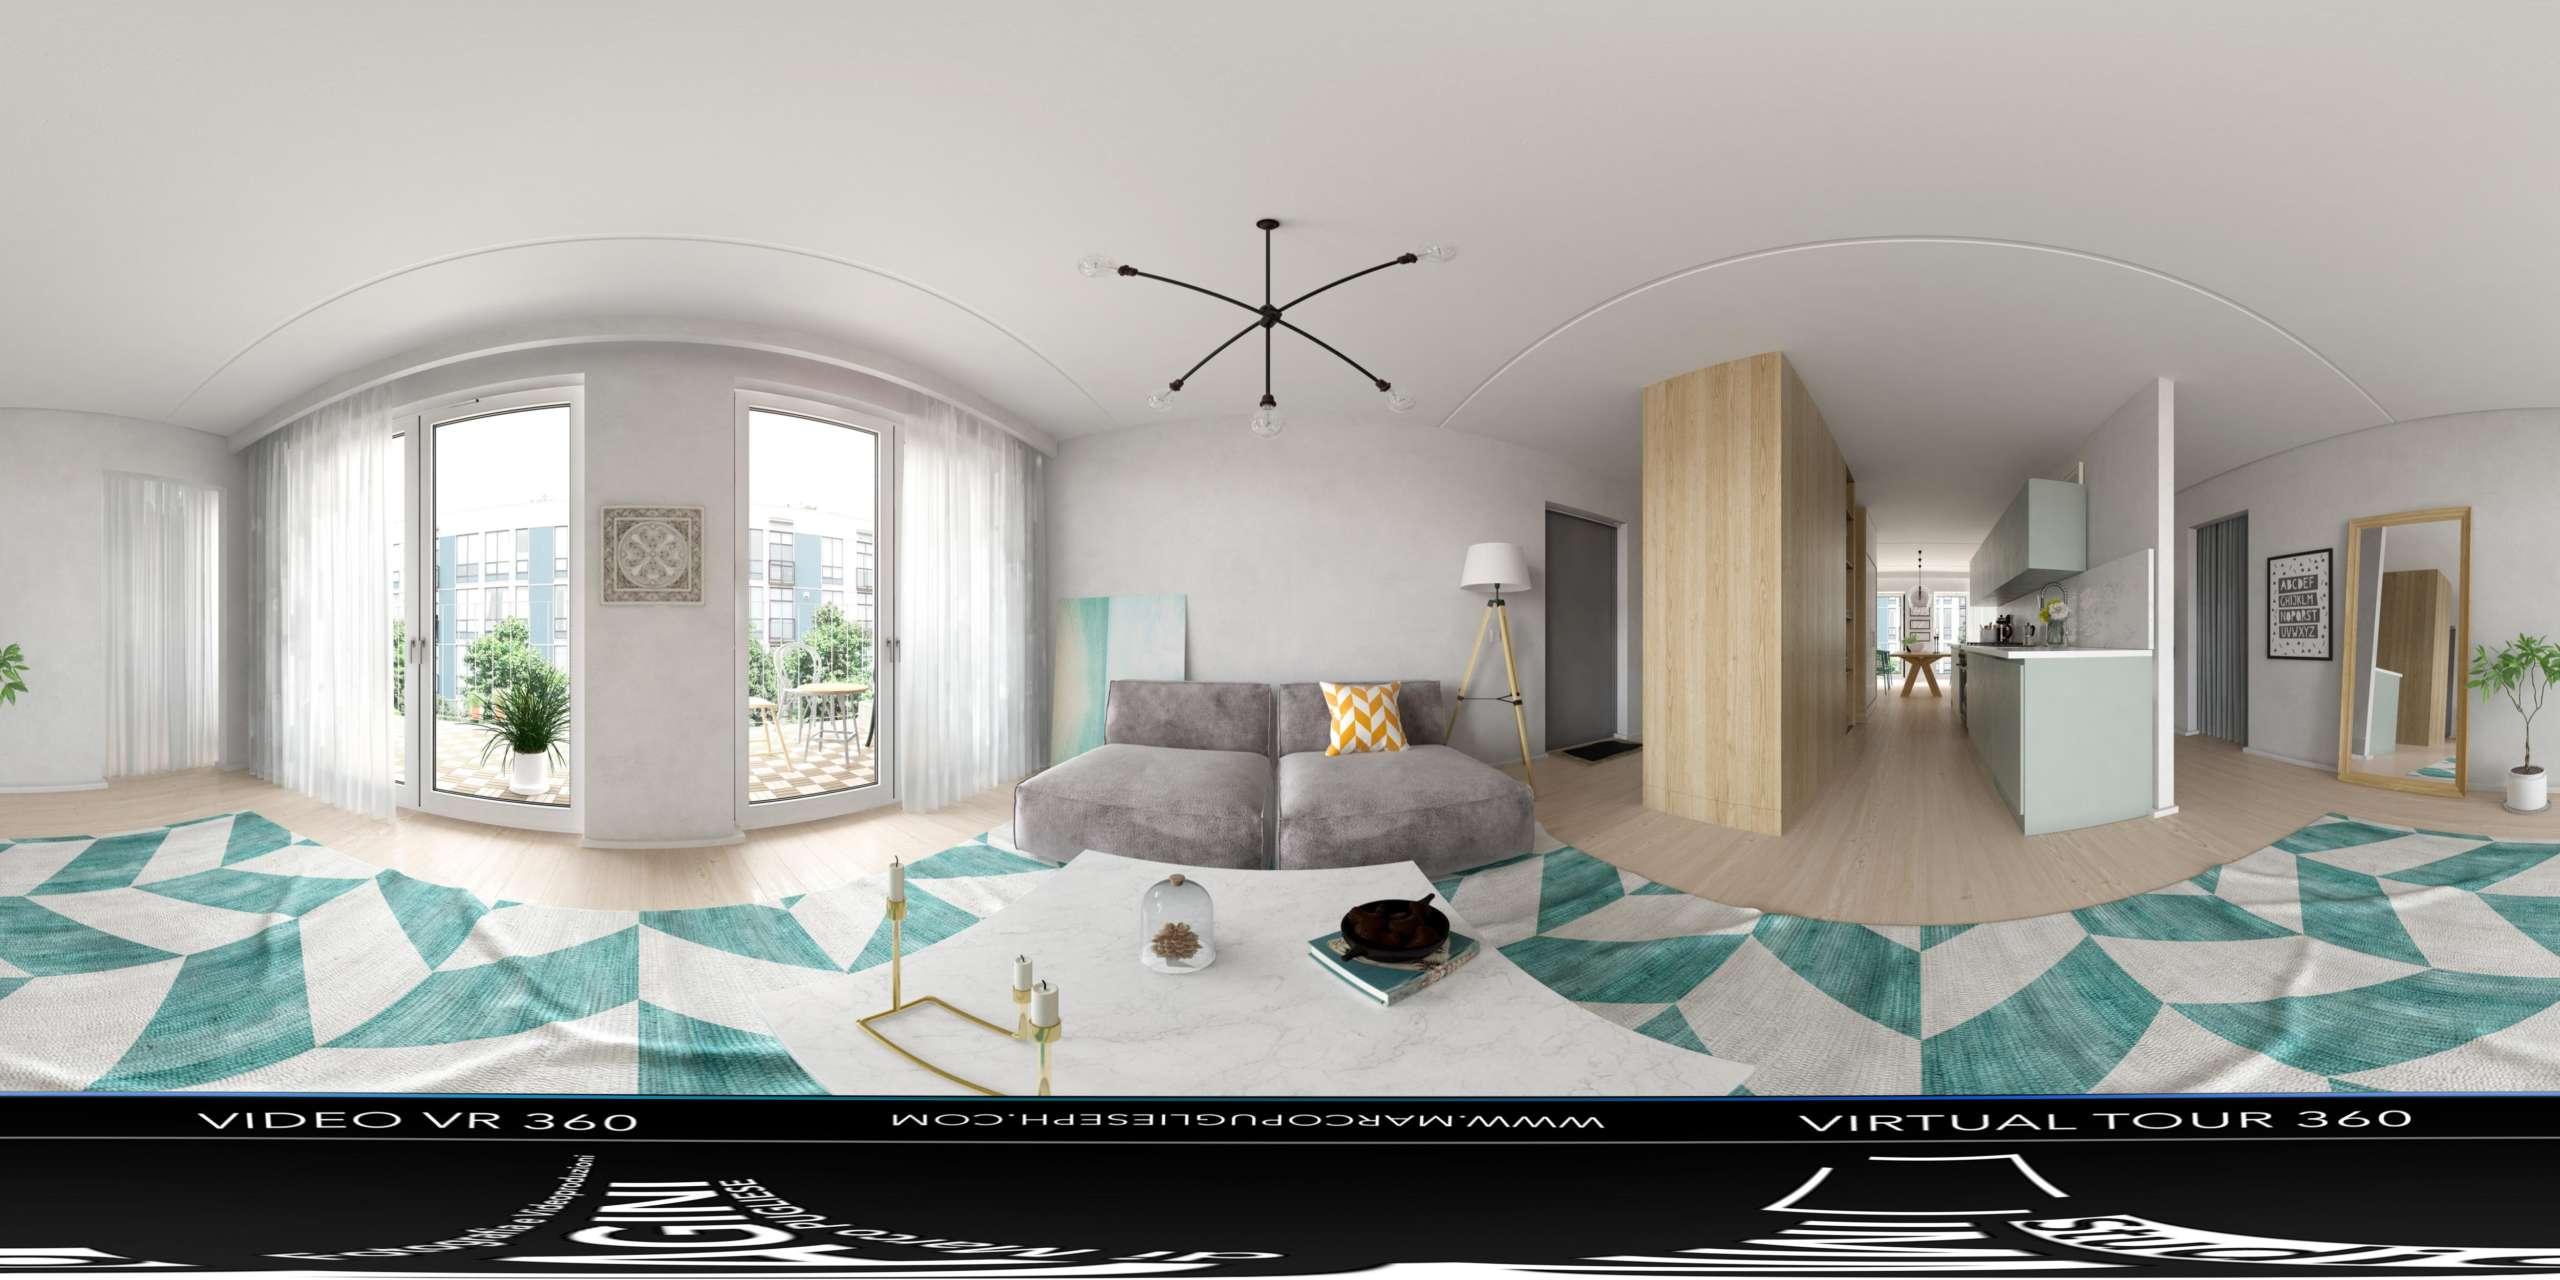 virtual tour 360 Casa Vacanze